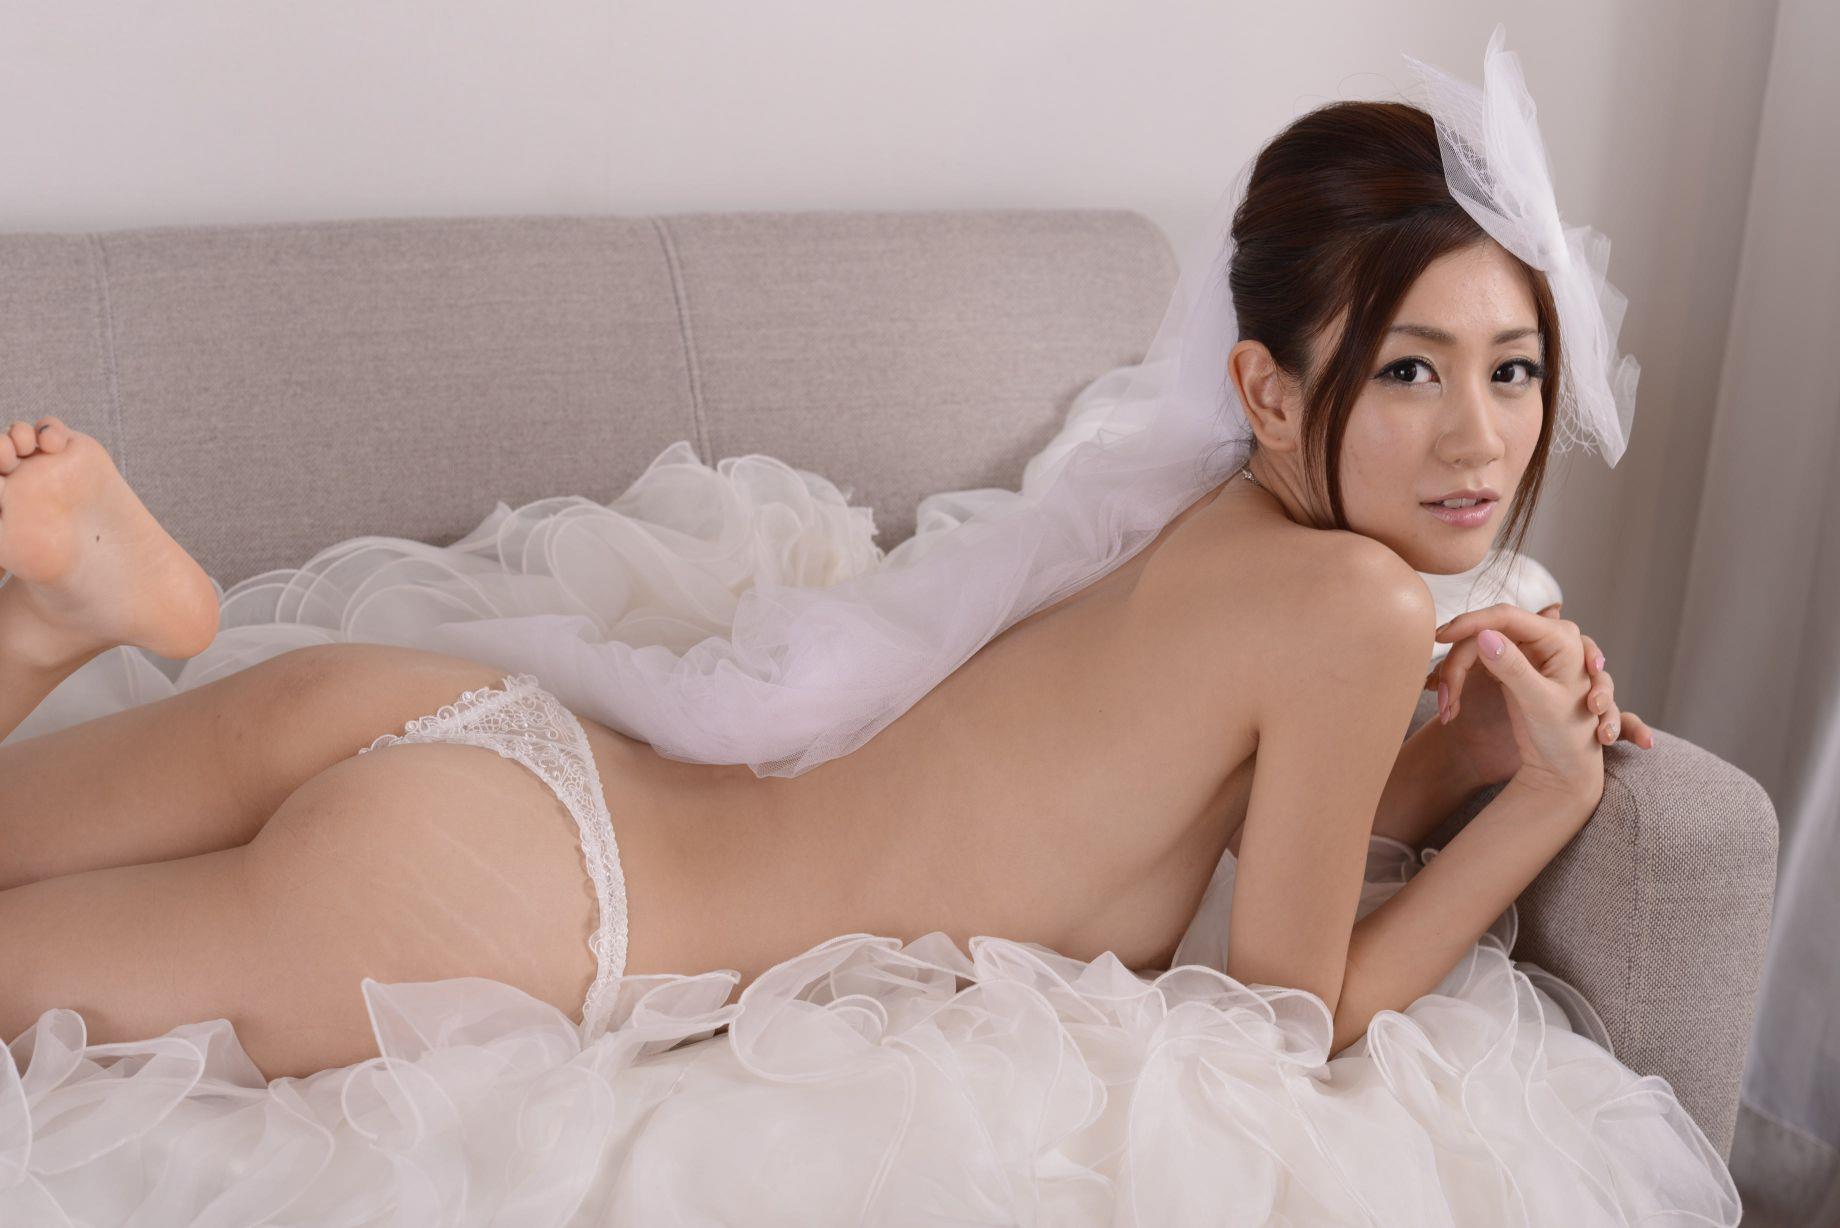 前田かおり ウェディングドレス画像 83